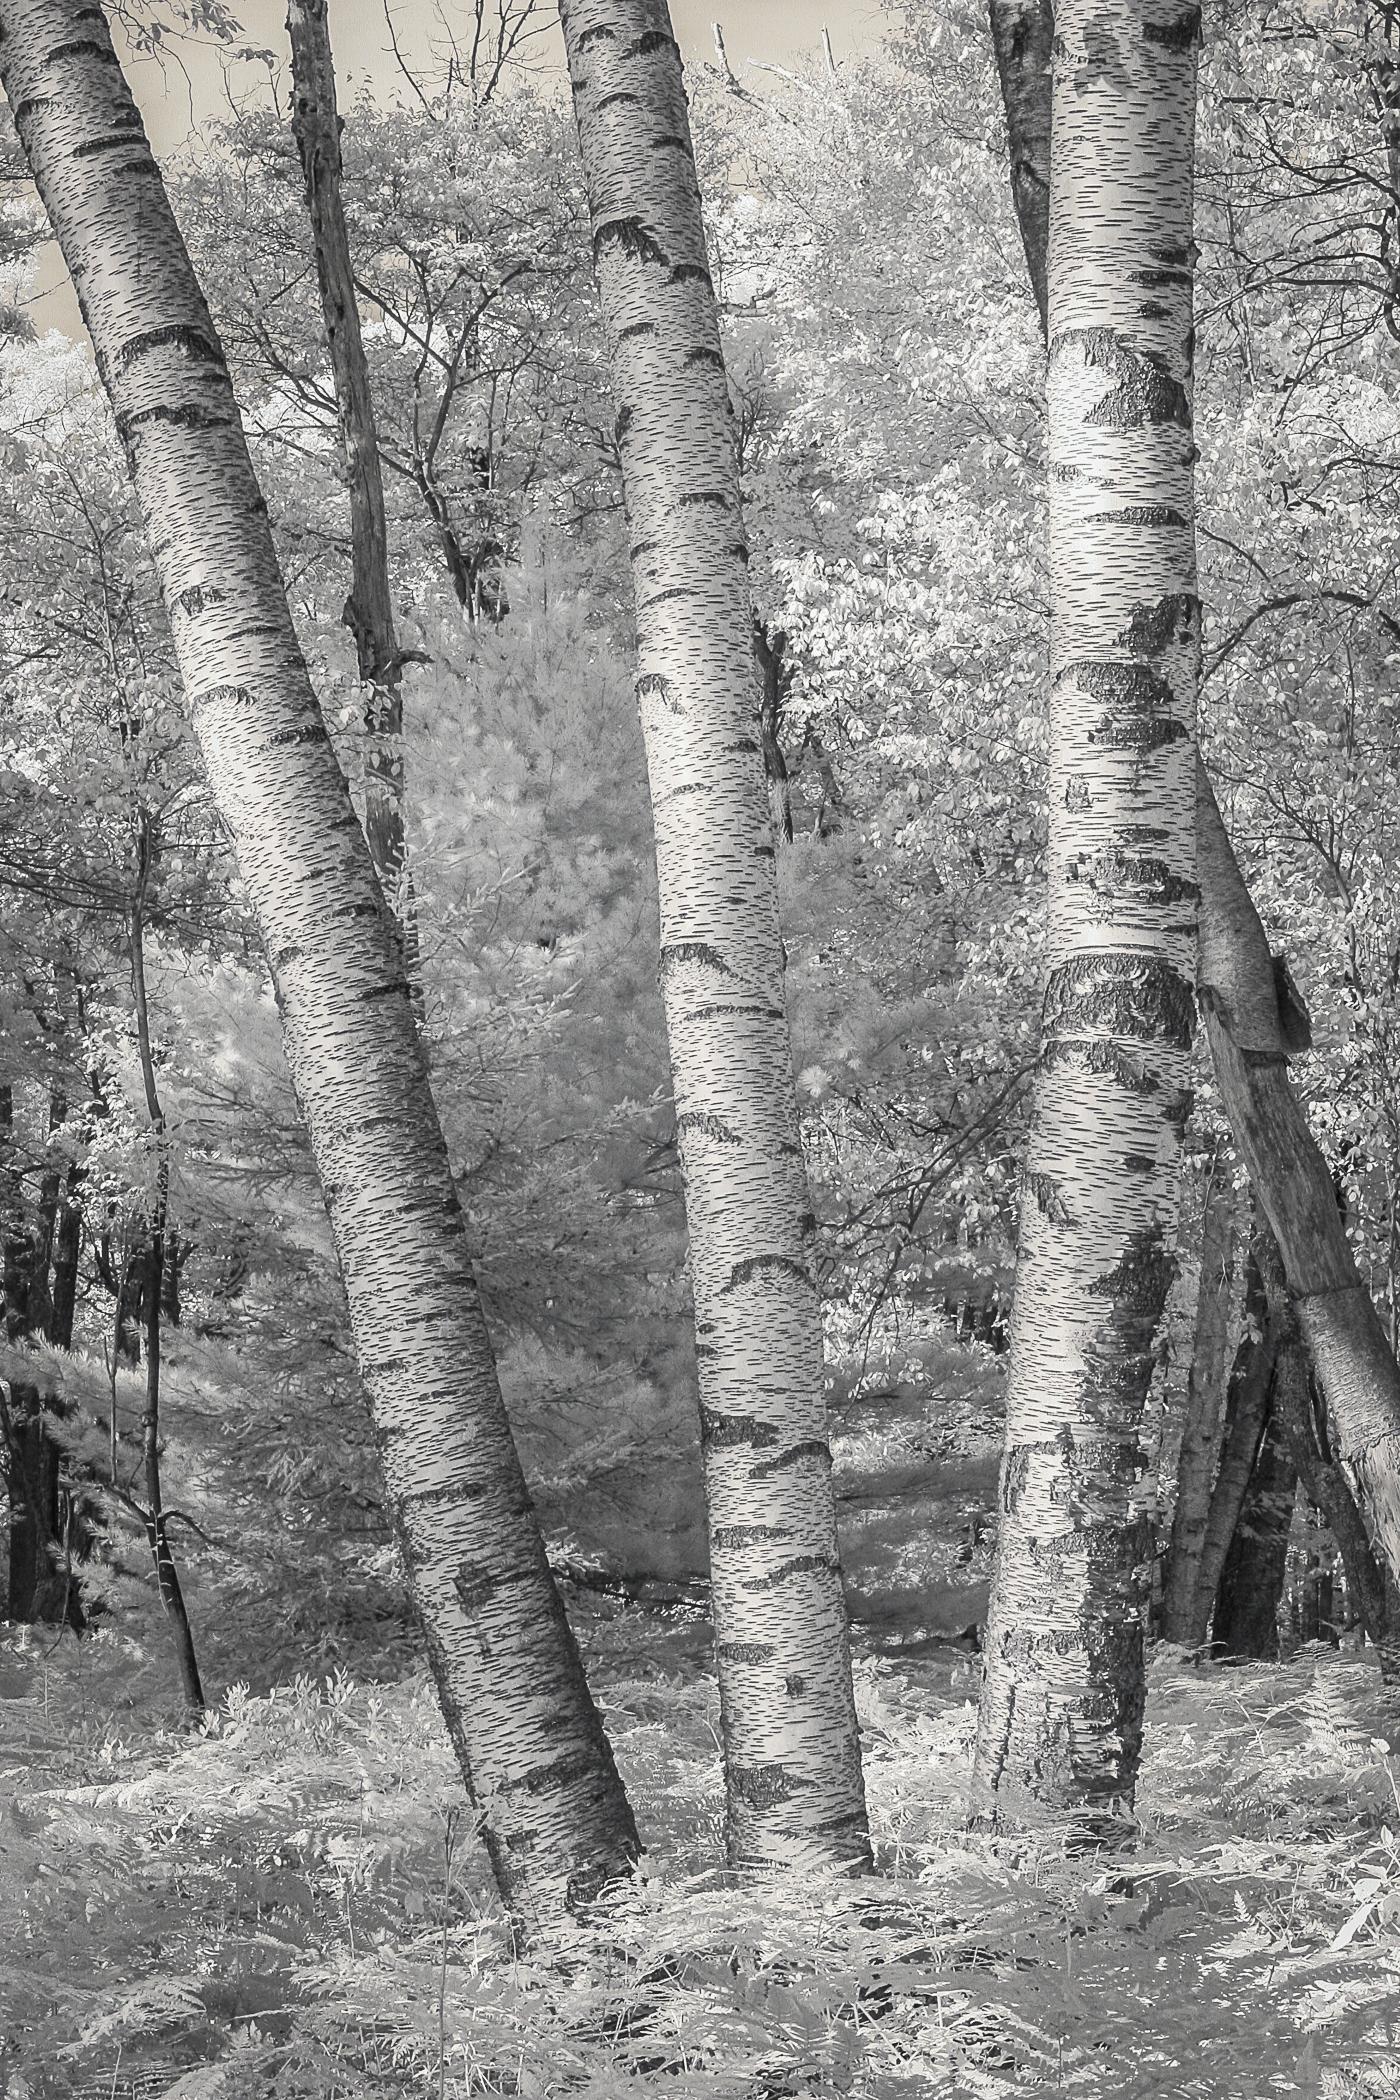 KendallInfraredLandscapes-4.jpg